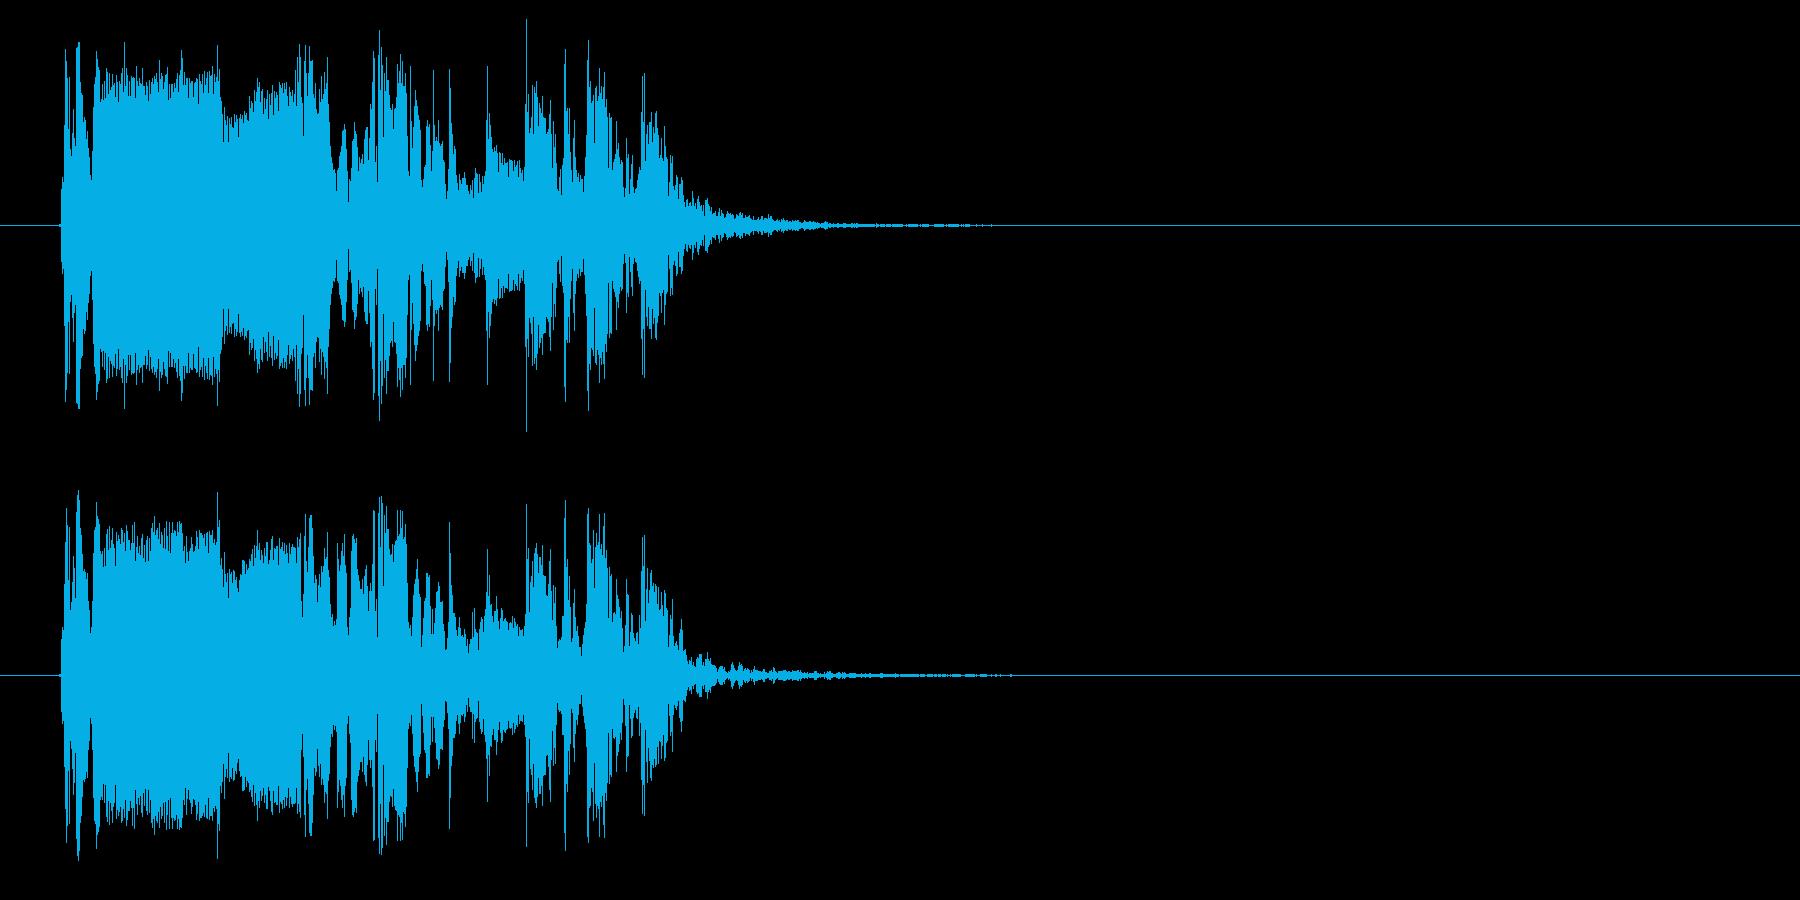 おしゃれでワクワク感のあるシンセサウンドの再生済みの波形